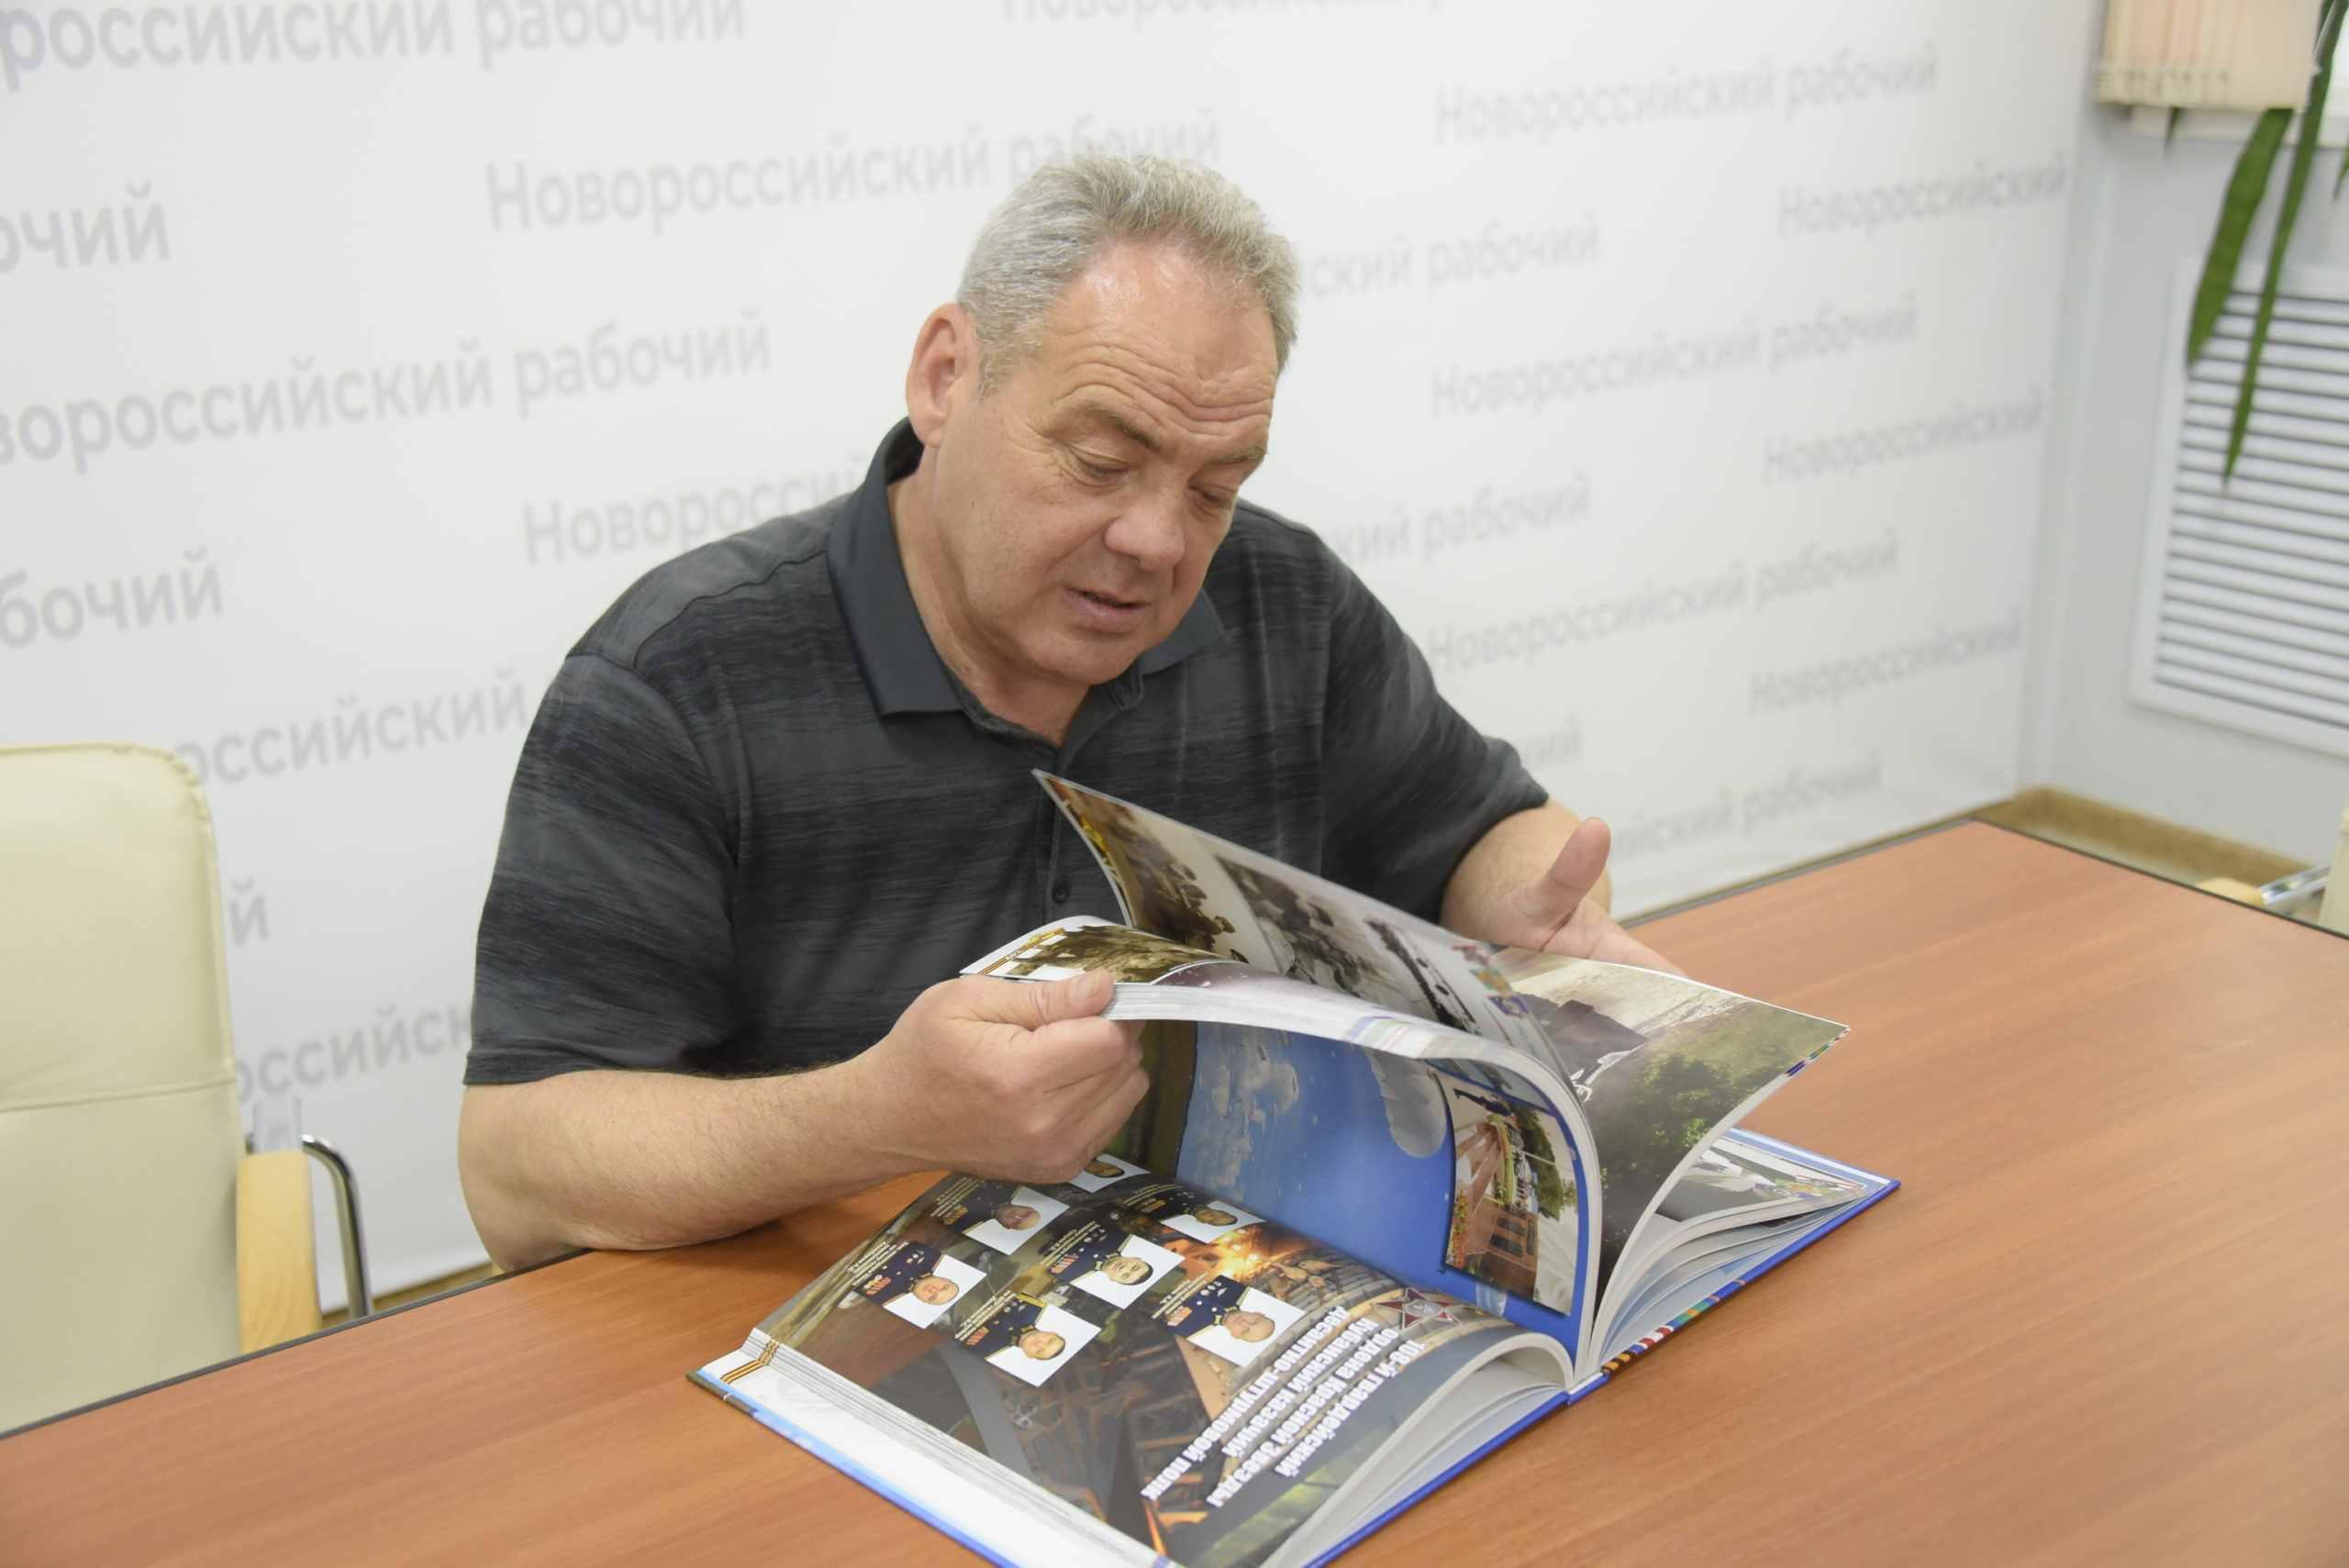 В Новороссийске выпустили уникальную книгу про 7-ю дивизию, ровесницу Победы